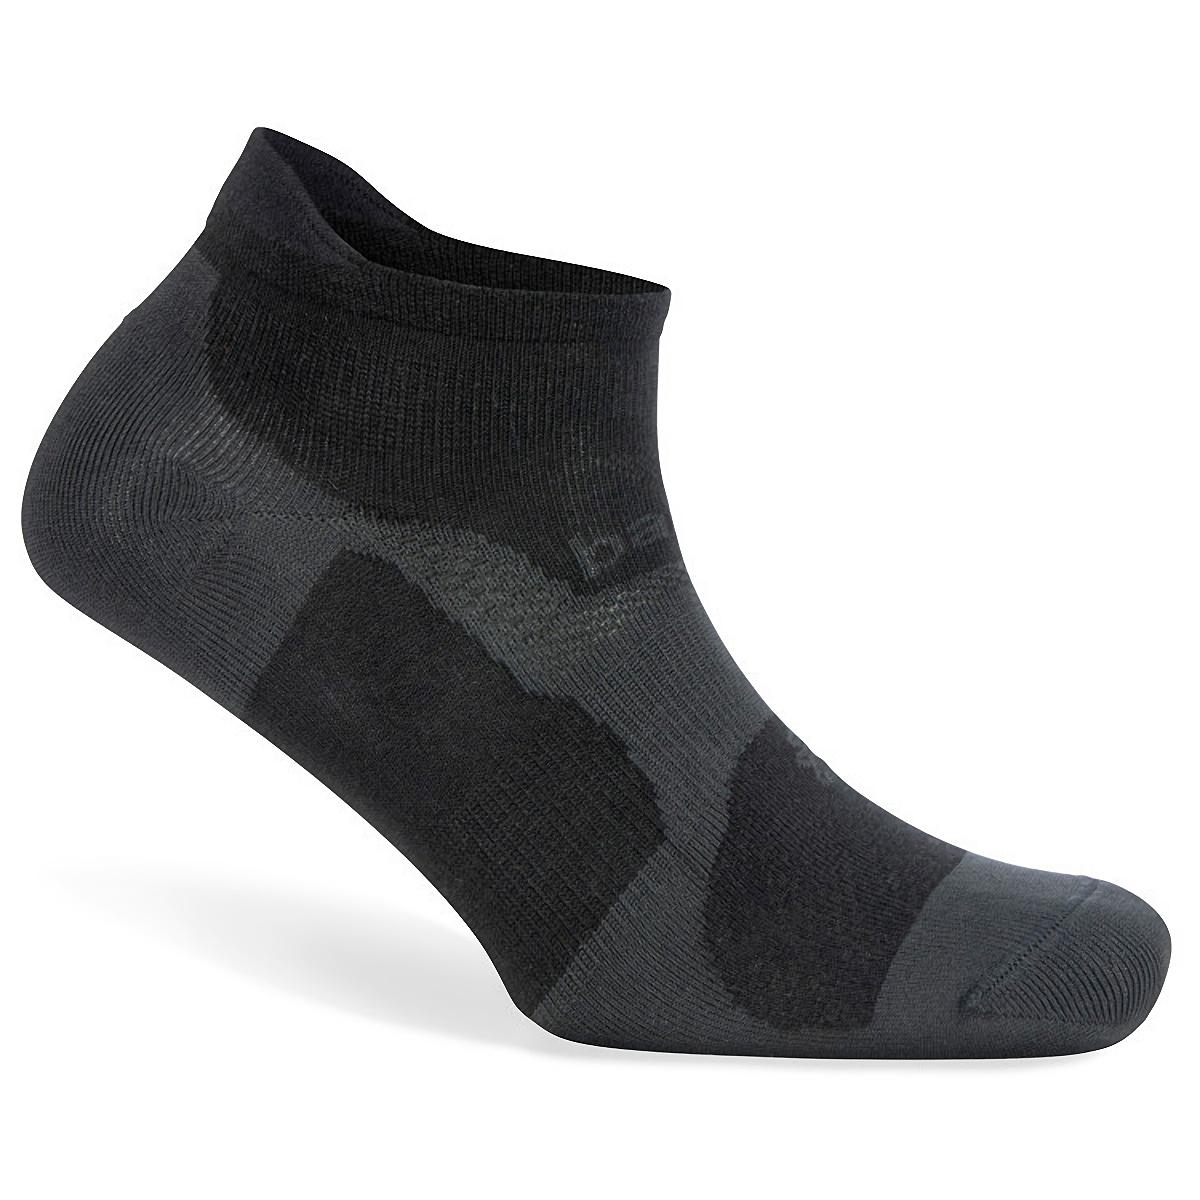 Balega Hidden Dry No Show Socks - Color: Black - Size: S, Black, large, image 2